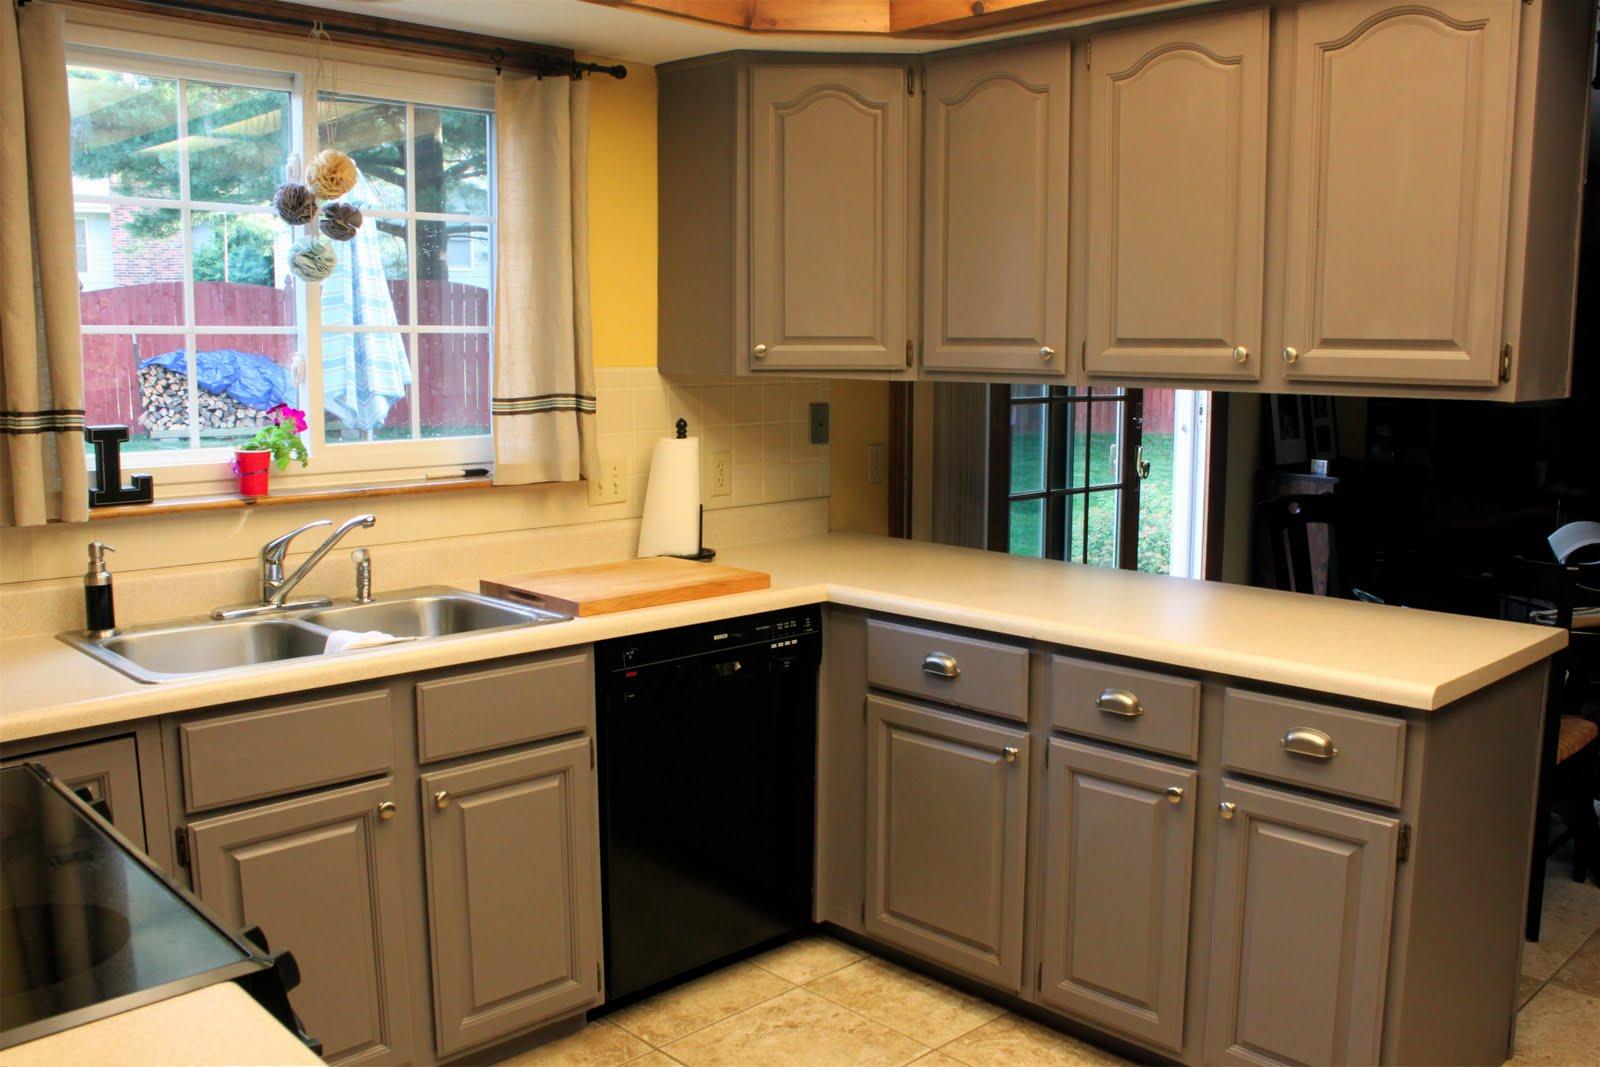 work in progress painting kitchen redo kitchen cabinets work in progress painting kitchen cabinets